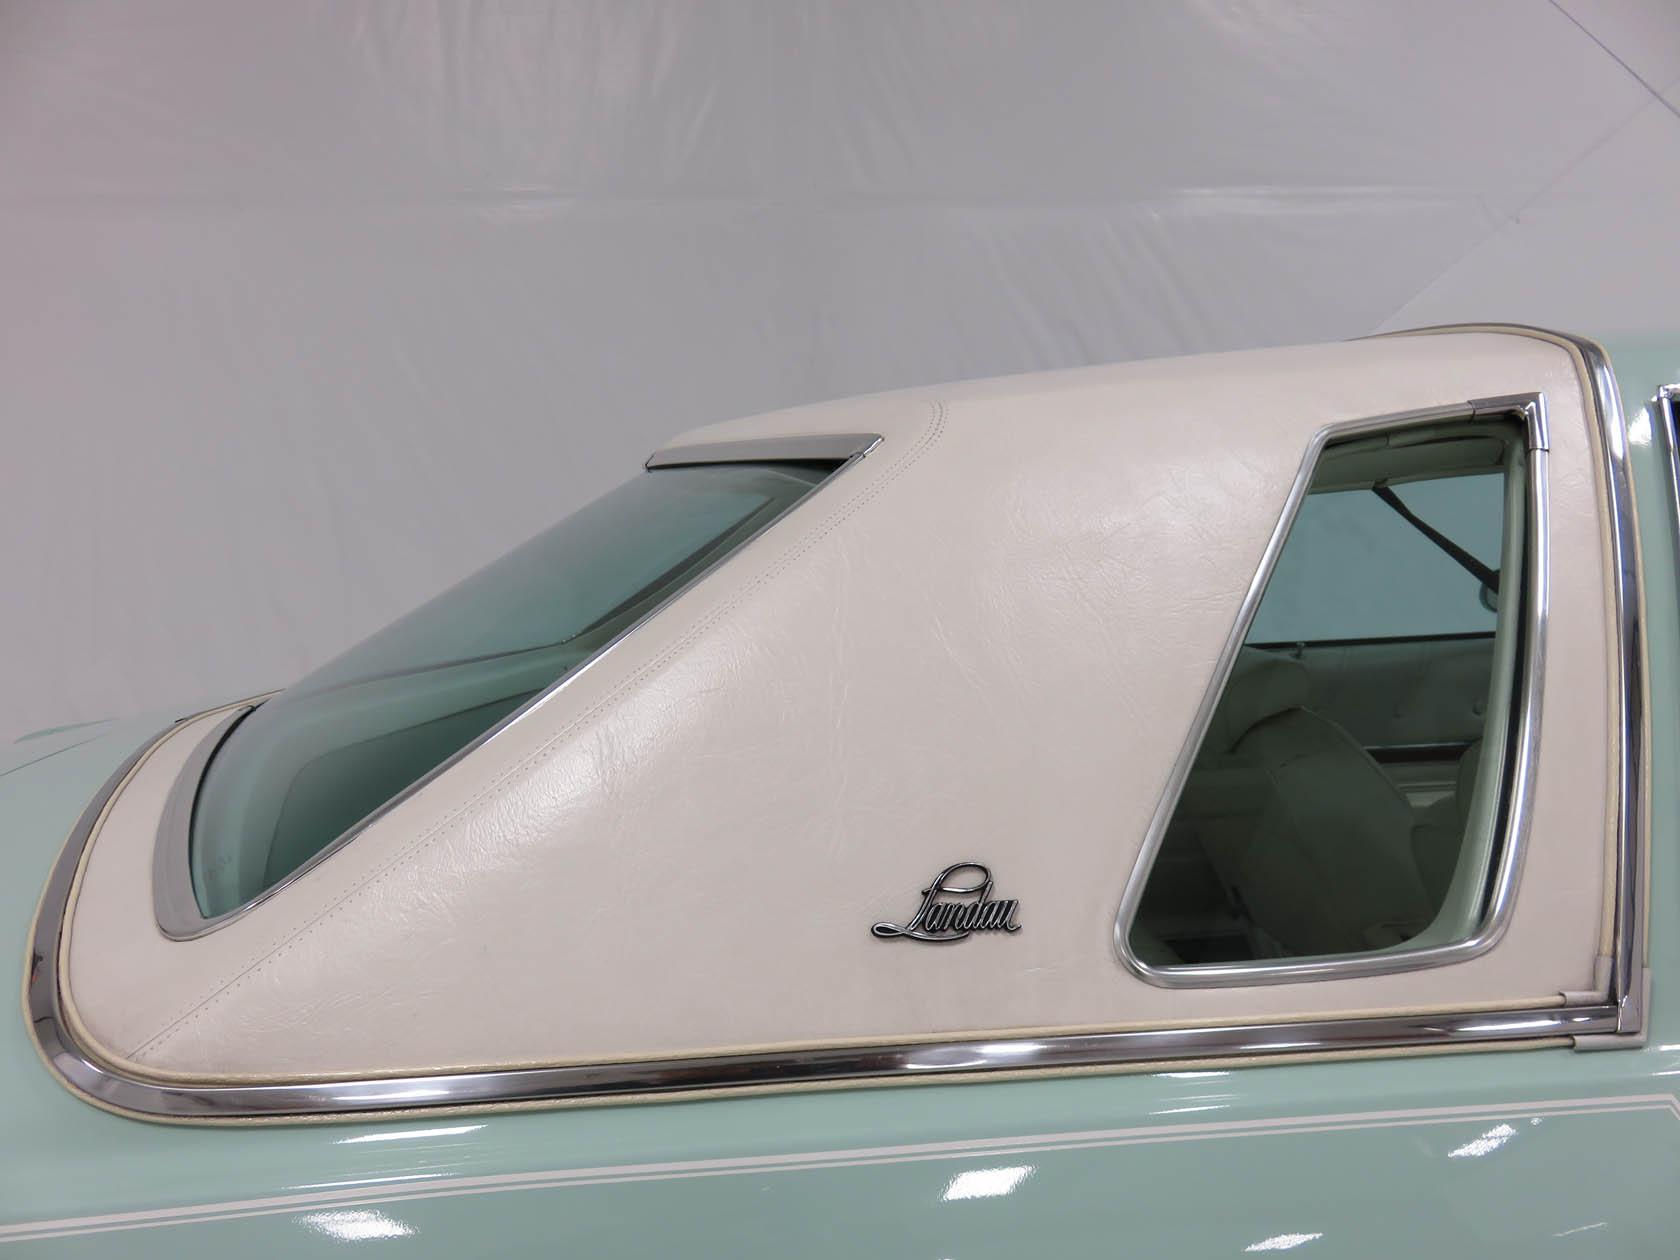 Michael Esposito - 1974 Oldsmobile Cutlasss Supreme 370